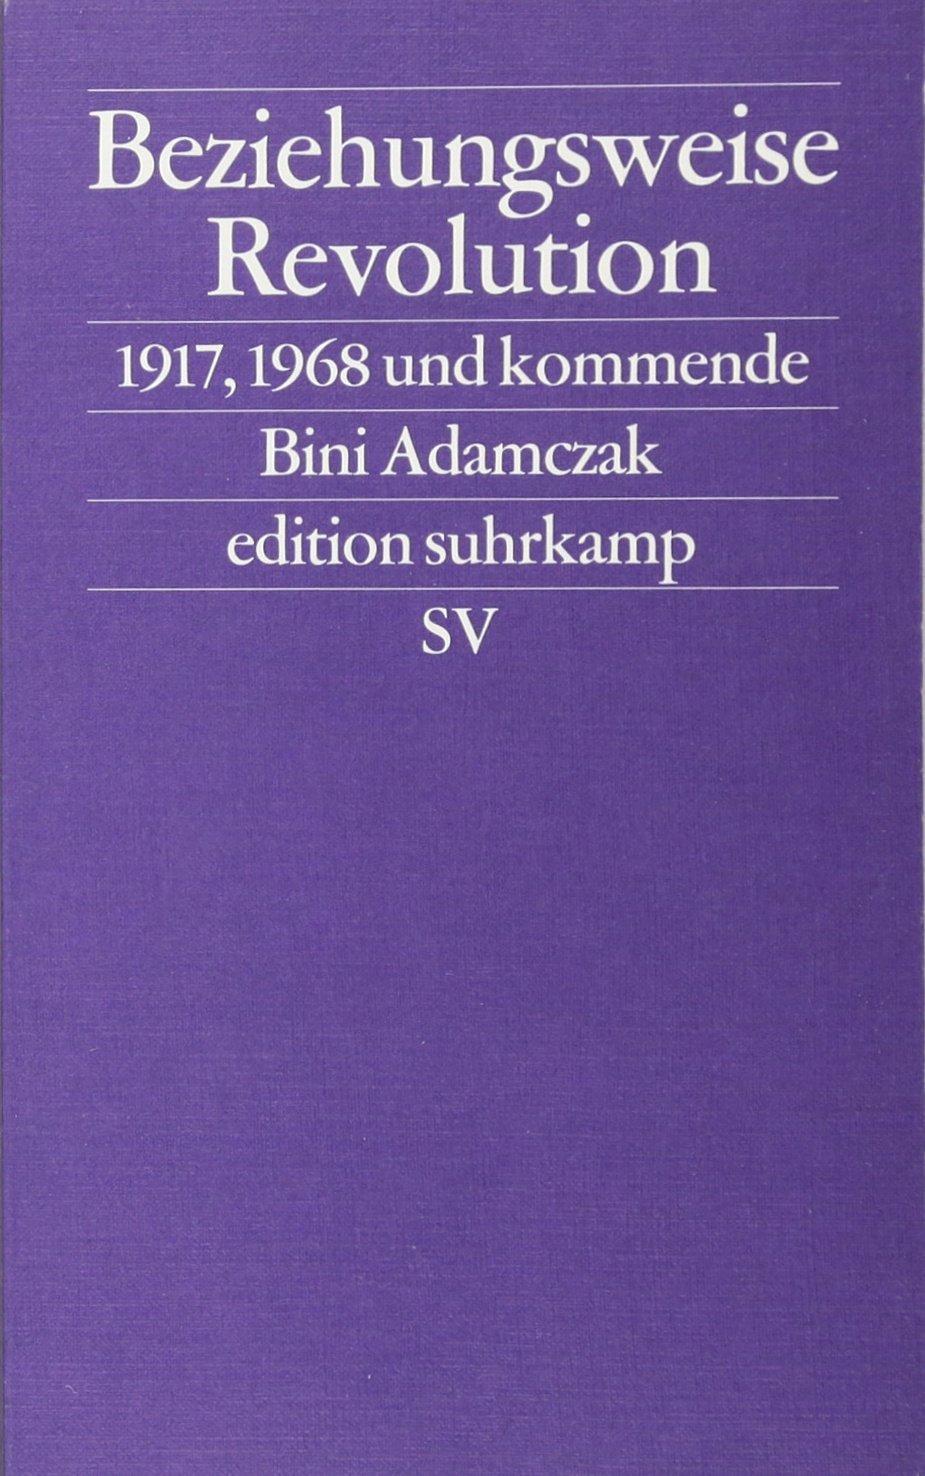 Beziehungsweise Revolution: 1917, 1968 und kommende (edition suhrkamp) Taschenbuch – 9. Oktober 2017 Bini Adamczak Suhrkamp Verlag 3518127217 Geschichte / Sonstiges